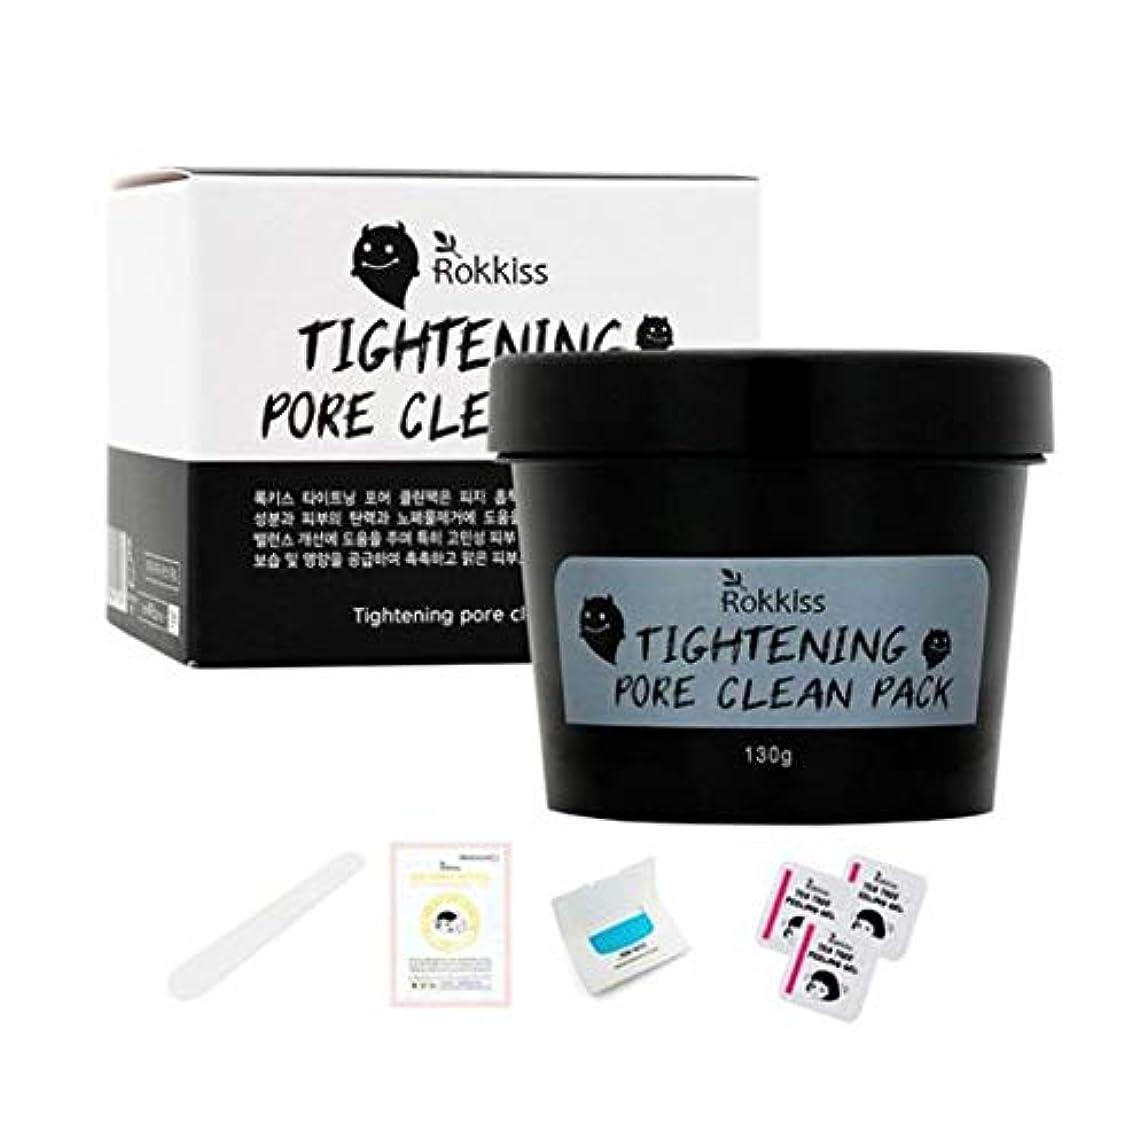 構成員探偵汚い【Rokkis] Tightening Pore Clean Pack/強力な吸着毛穴パックセット/カオリン、ベントナイト、マッド成分含有/皮脂除去/毛穴収縮/追加4種プレゼント贈呈[並行輸入品]